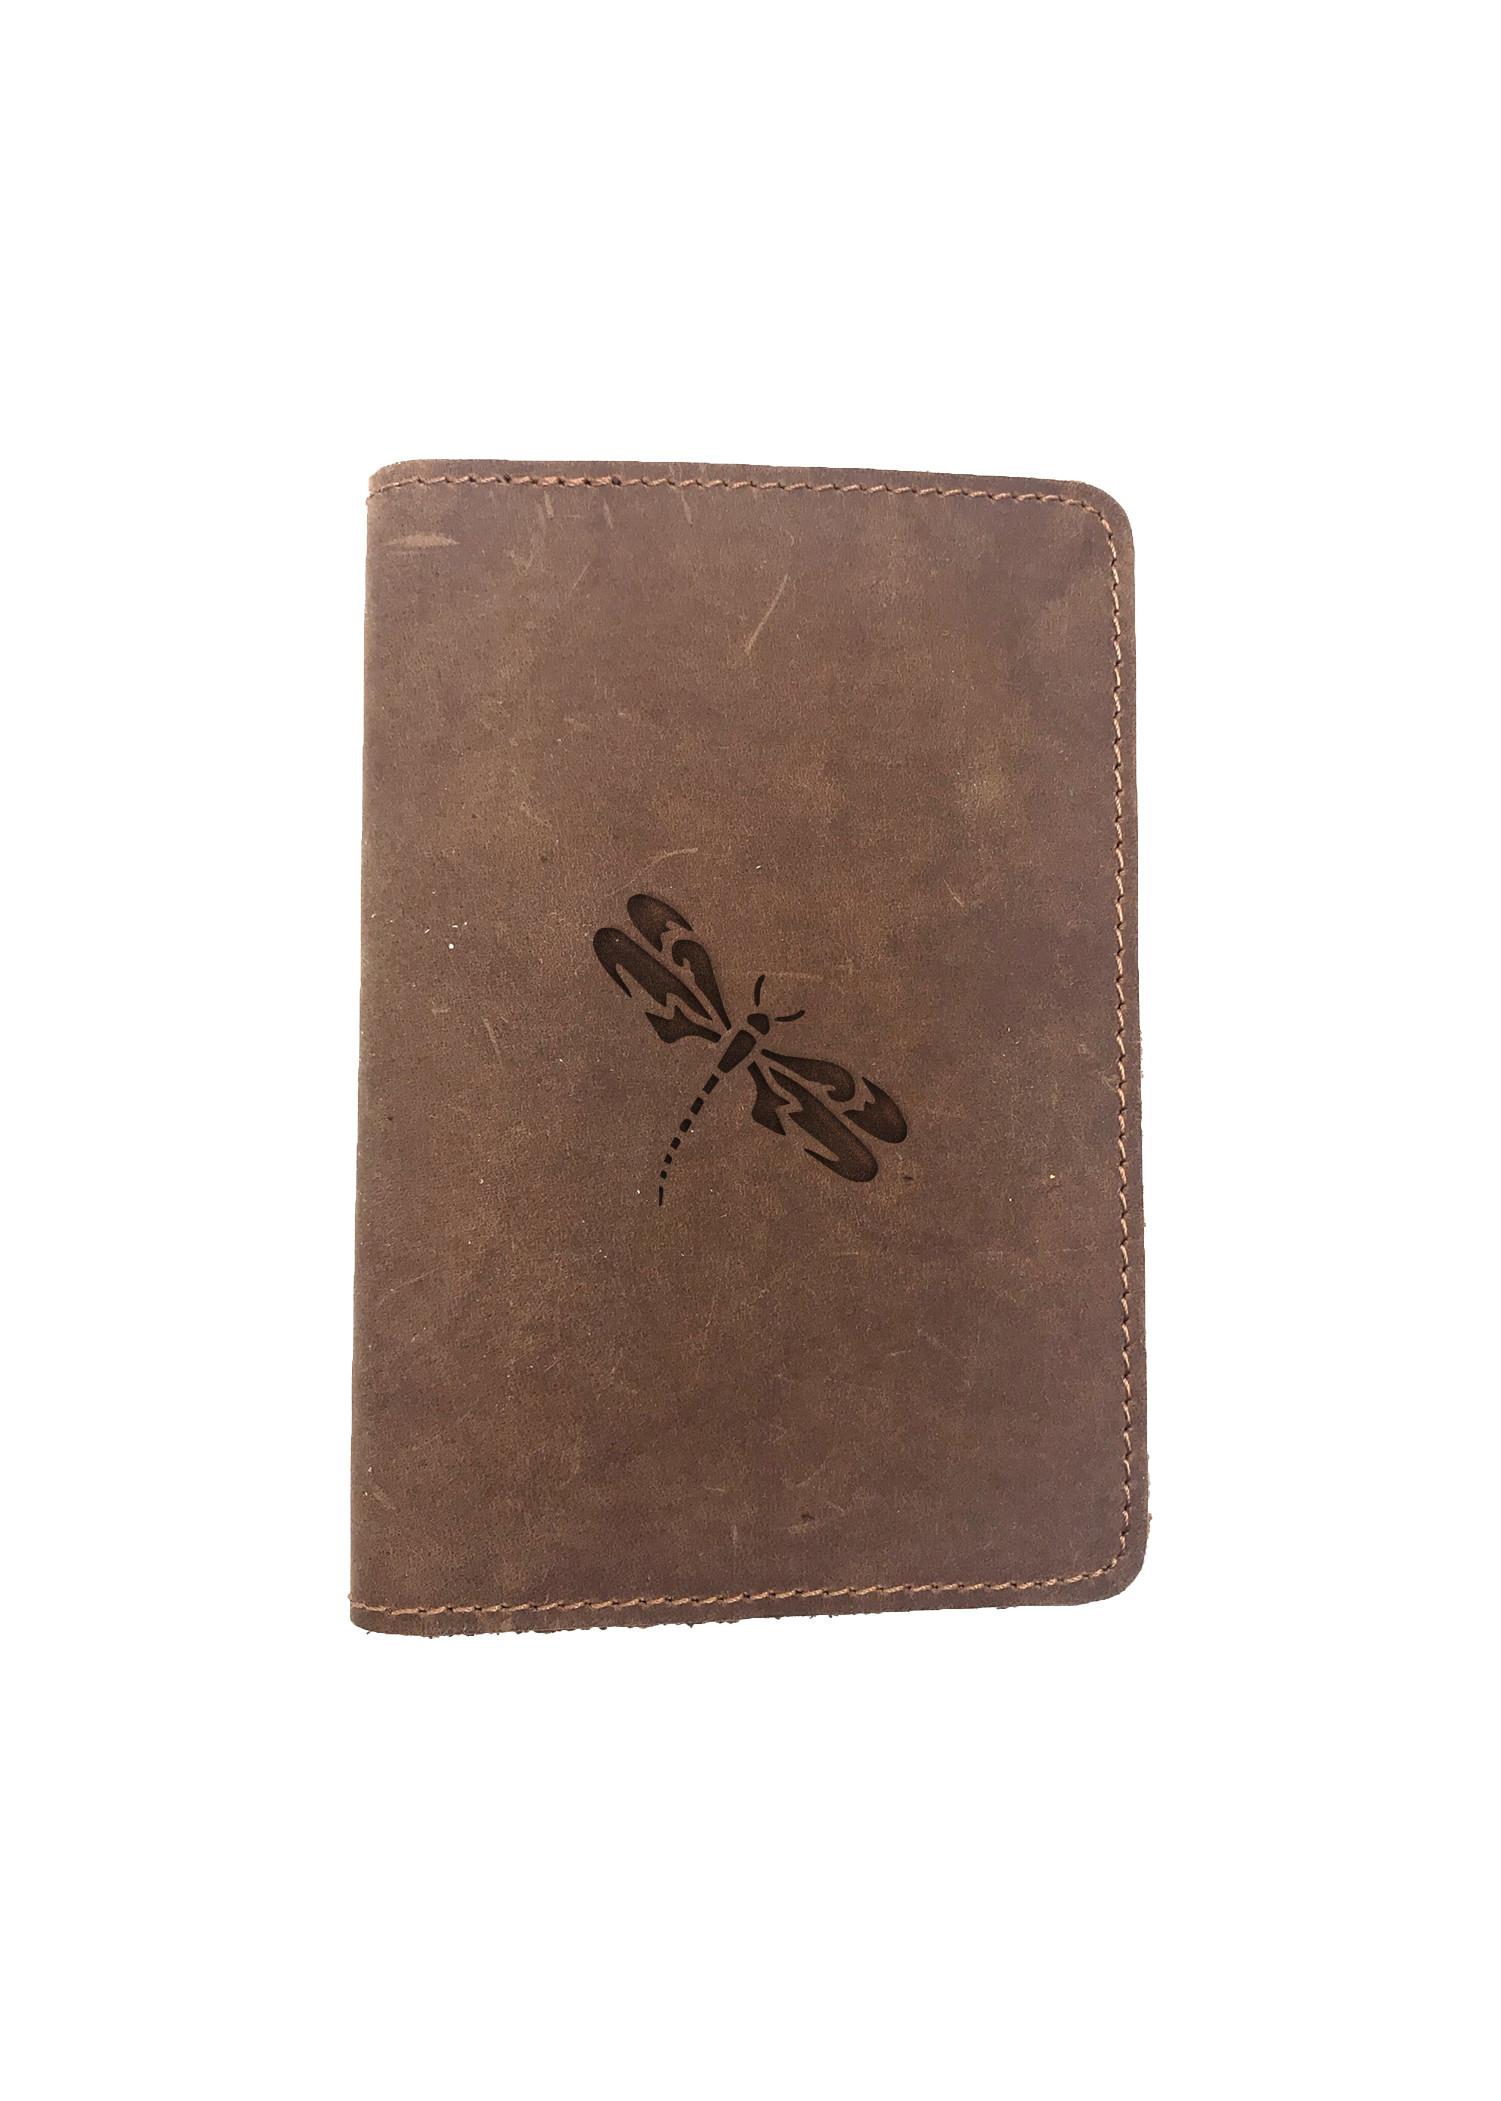 Passport Cover Bao Da Hộ Chiếu Da Sáp Khắc Hình Chuồn chuồn DRAGON FLY (BROWN)